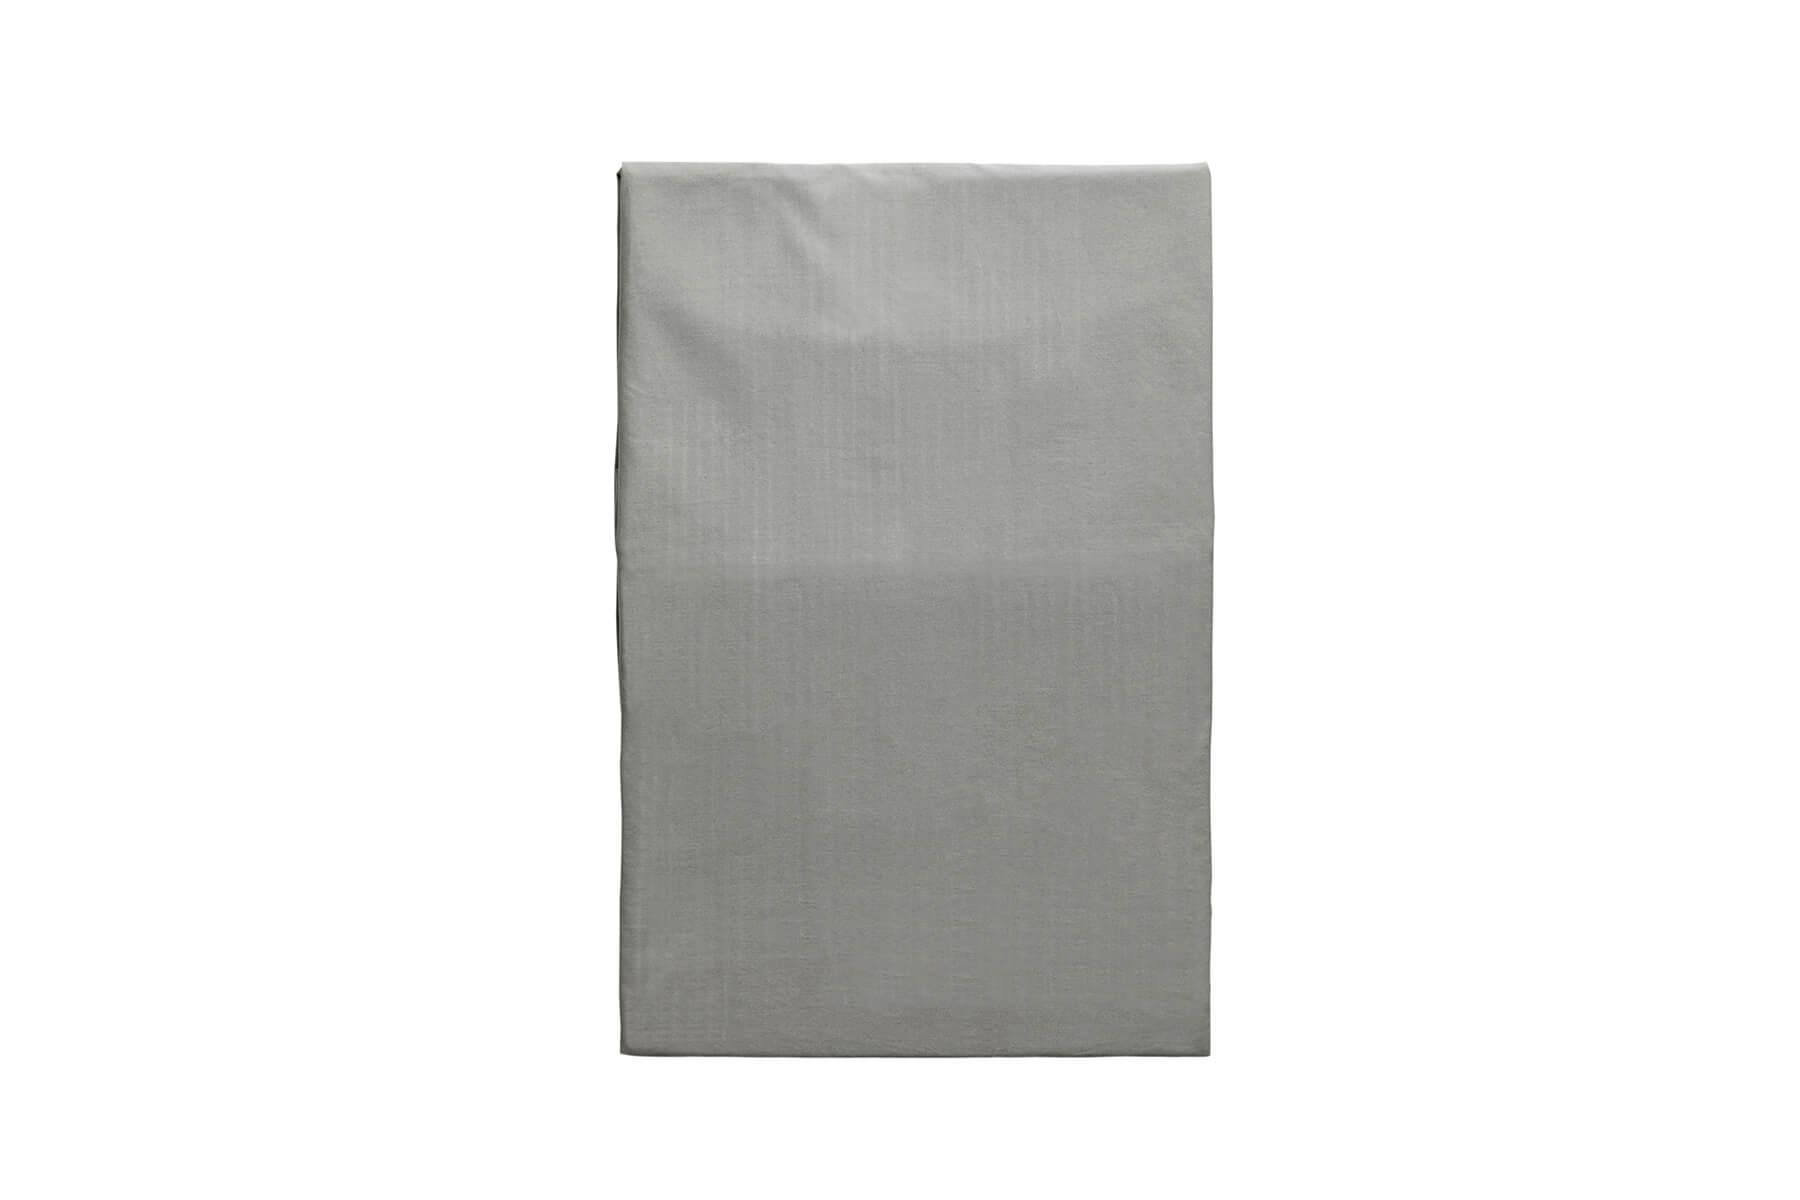 Køb Norhland kuvertlagen GrÃ¥ 140 x 200 cm